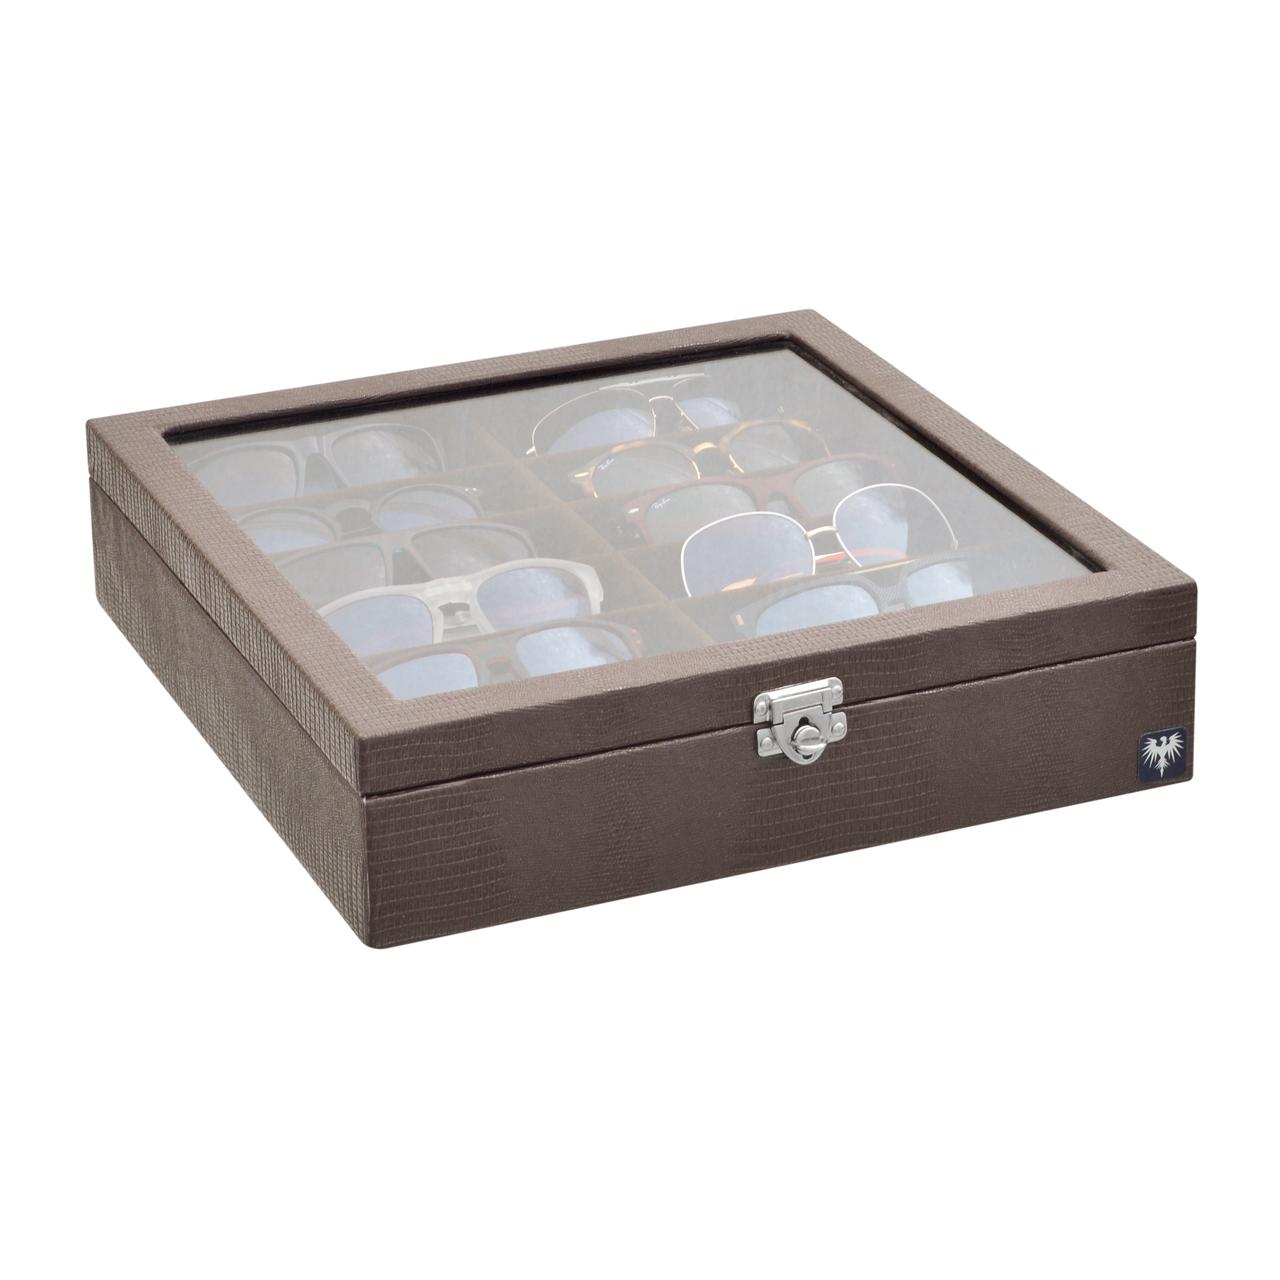 estojo-couro-ecologico-12-oculos-marrom-marrom-porta-caixa-imagem-5.JPG